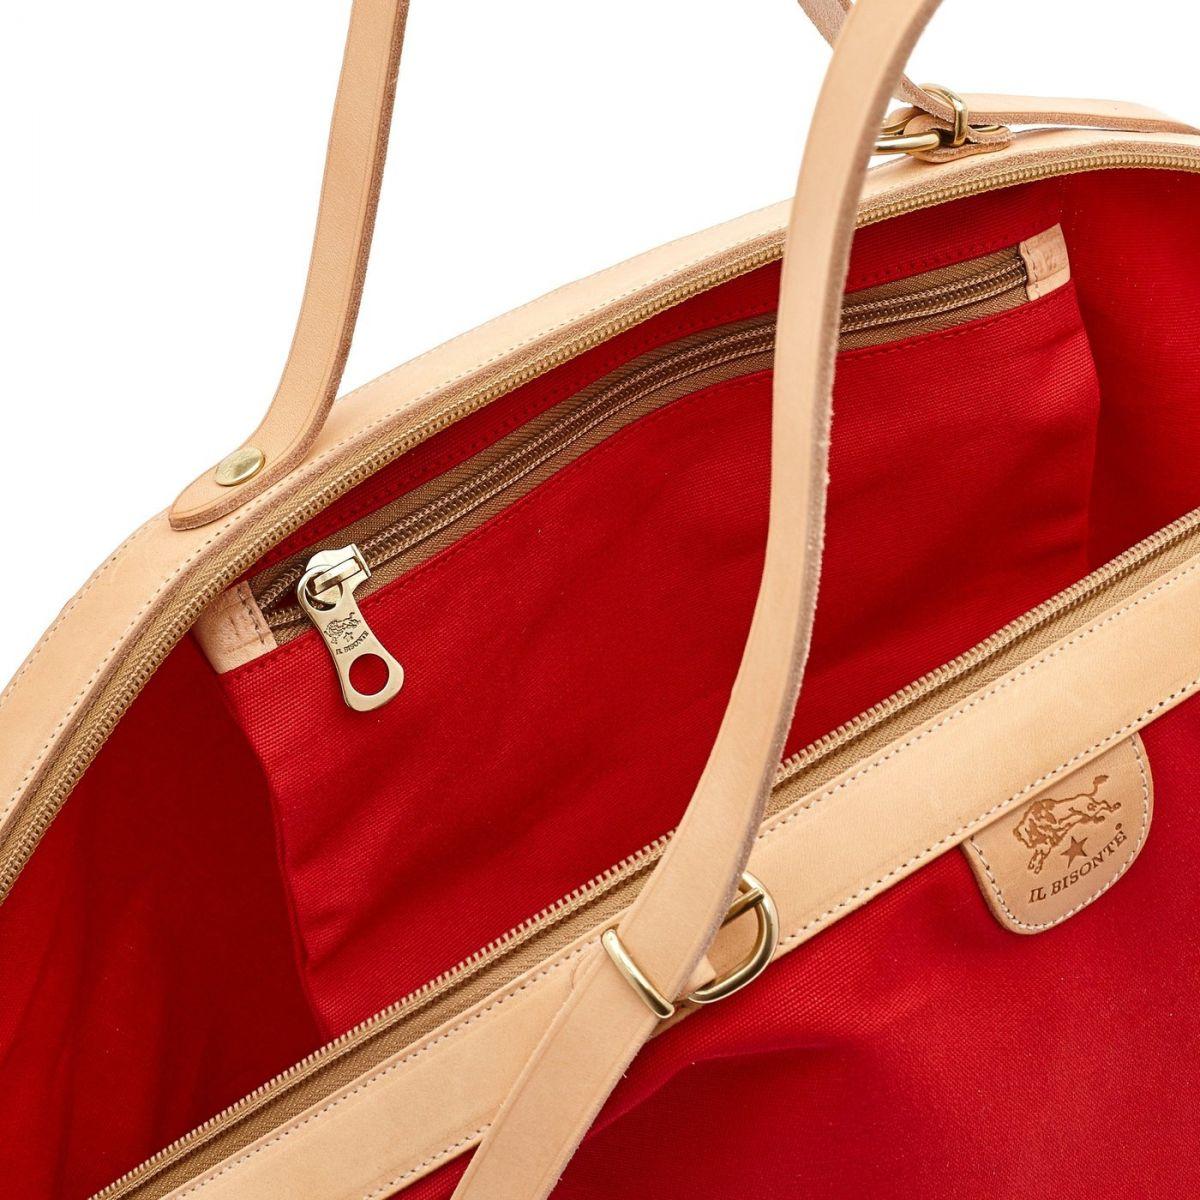 Caramella  - Women's Shoulder Bag  in Cotton Canvas BSH112 color Red/Natural | Details